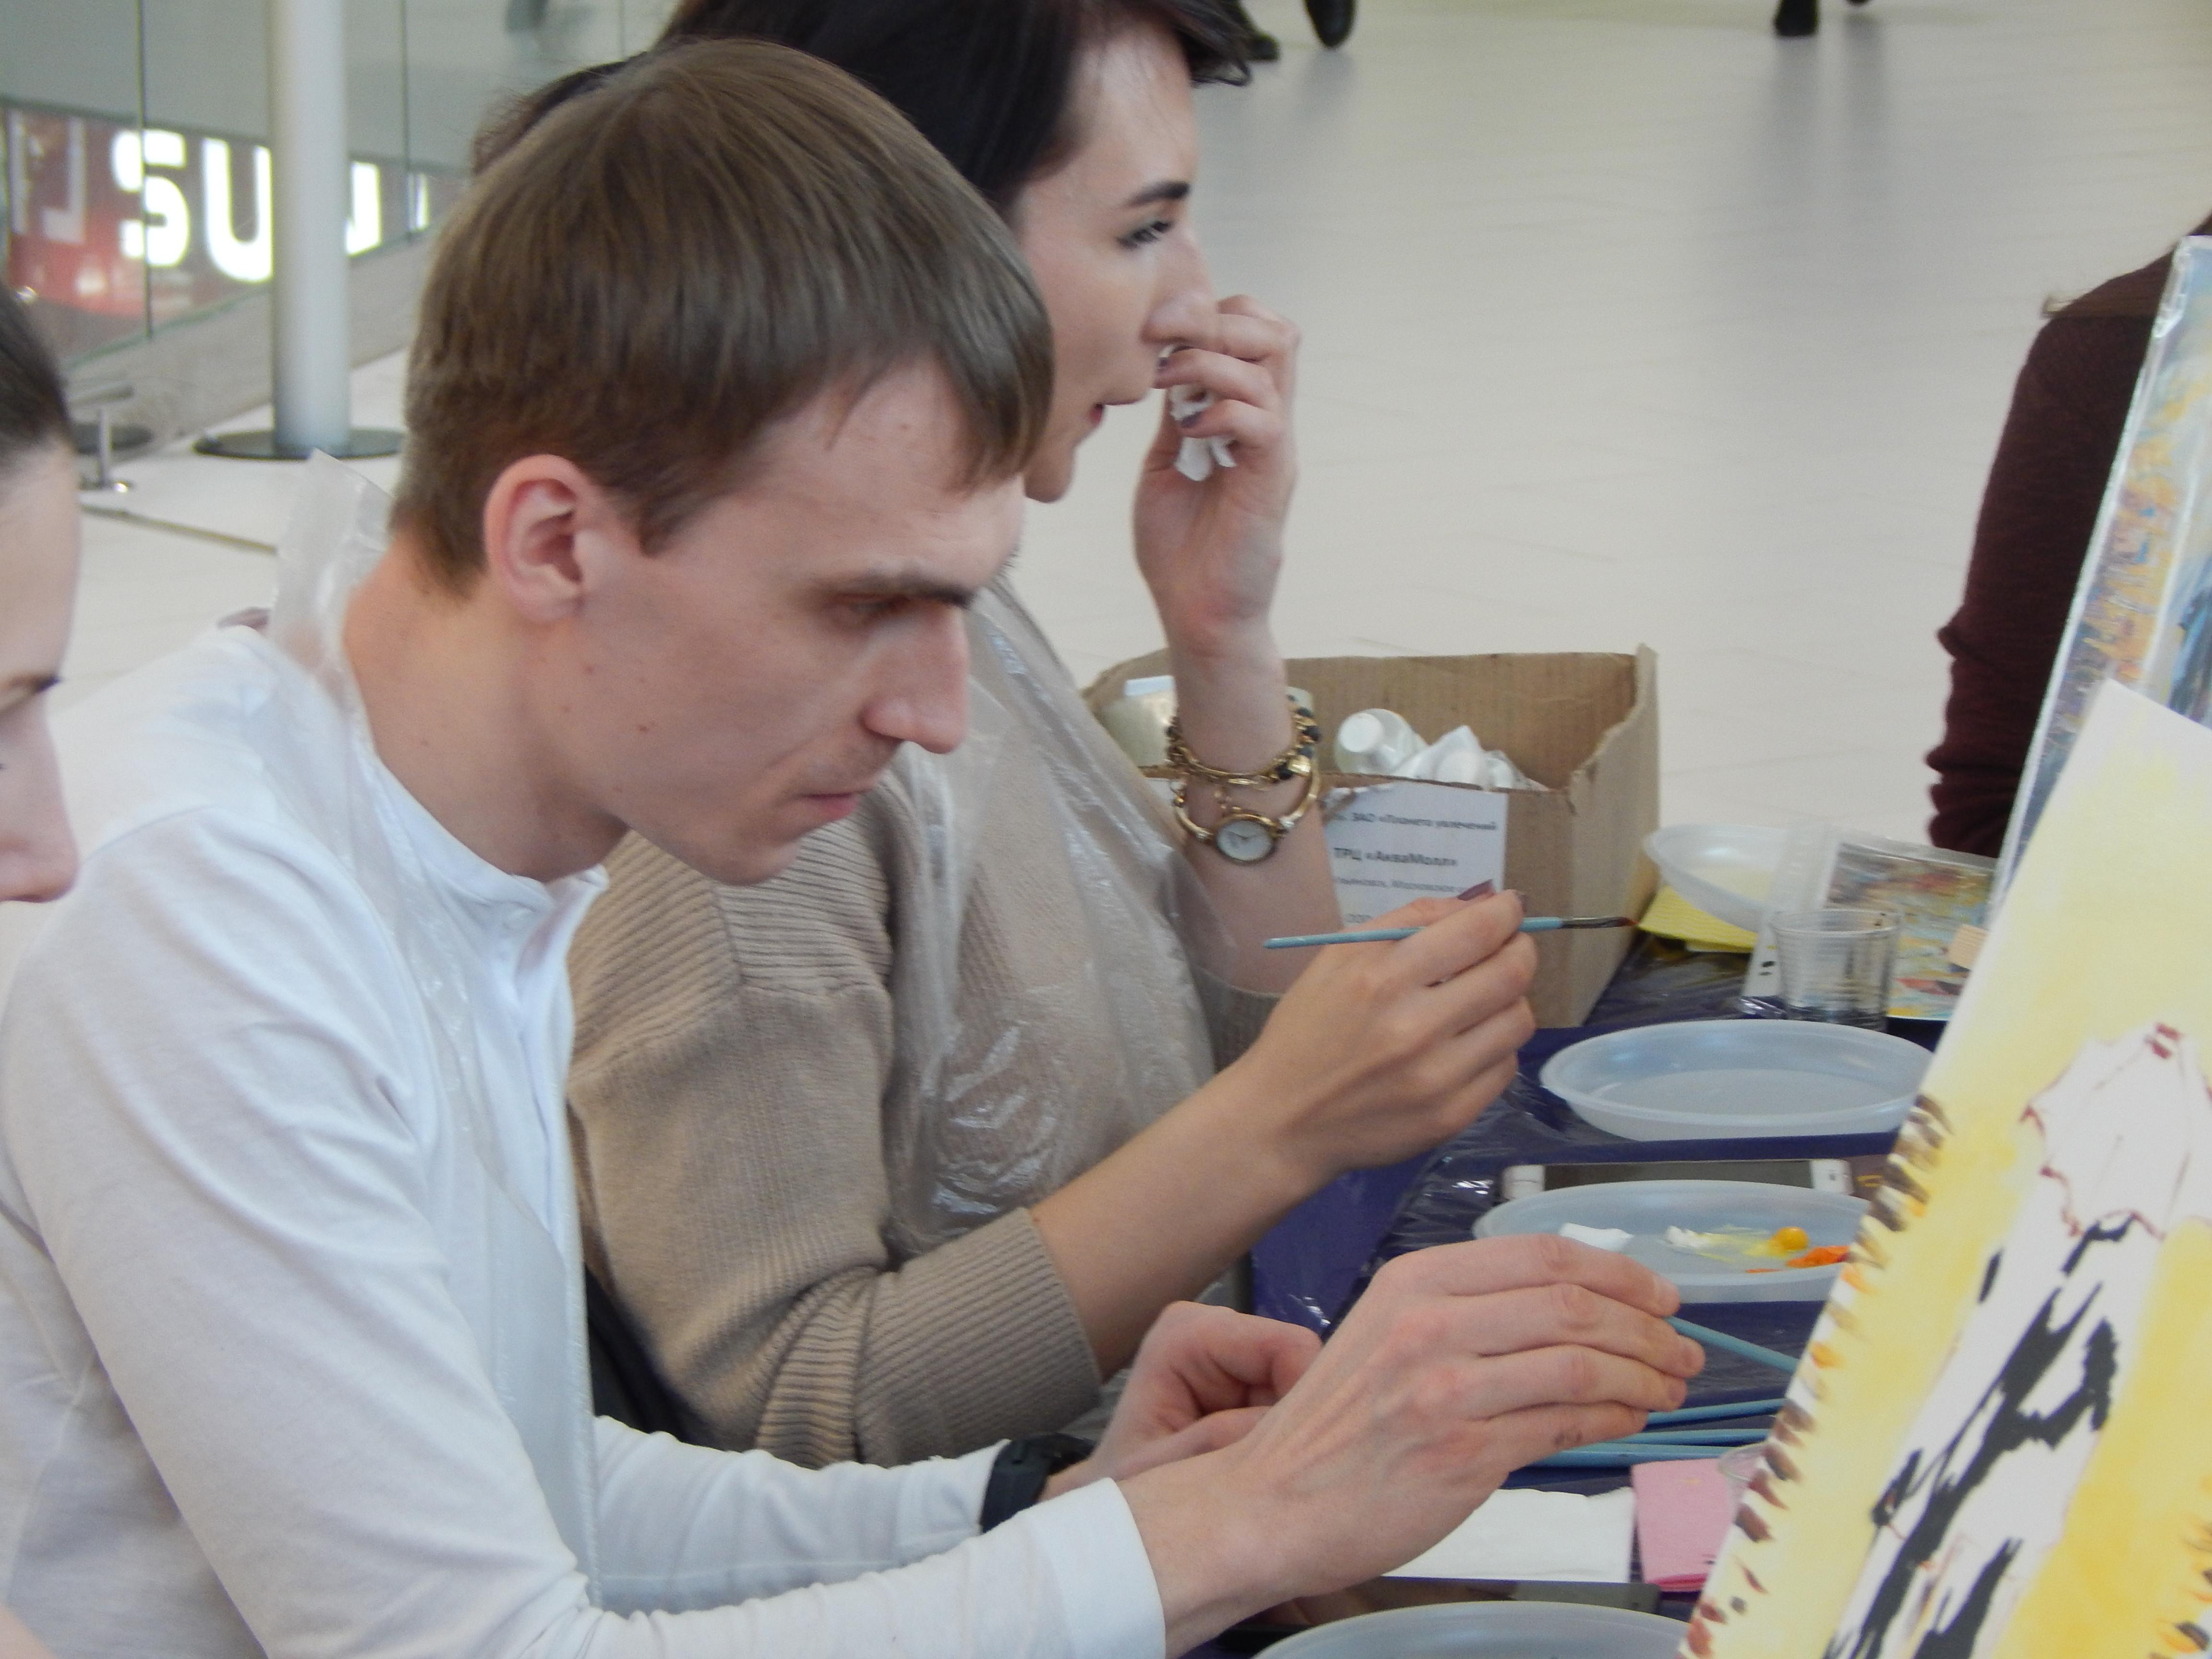 Мастер-класс по живописи Ульяновск